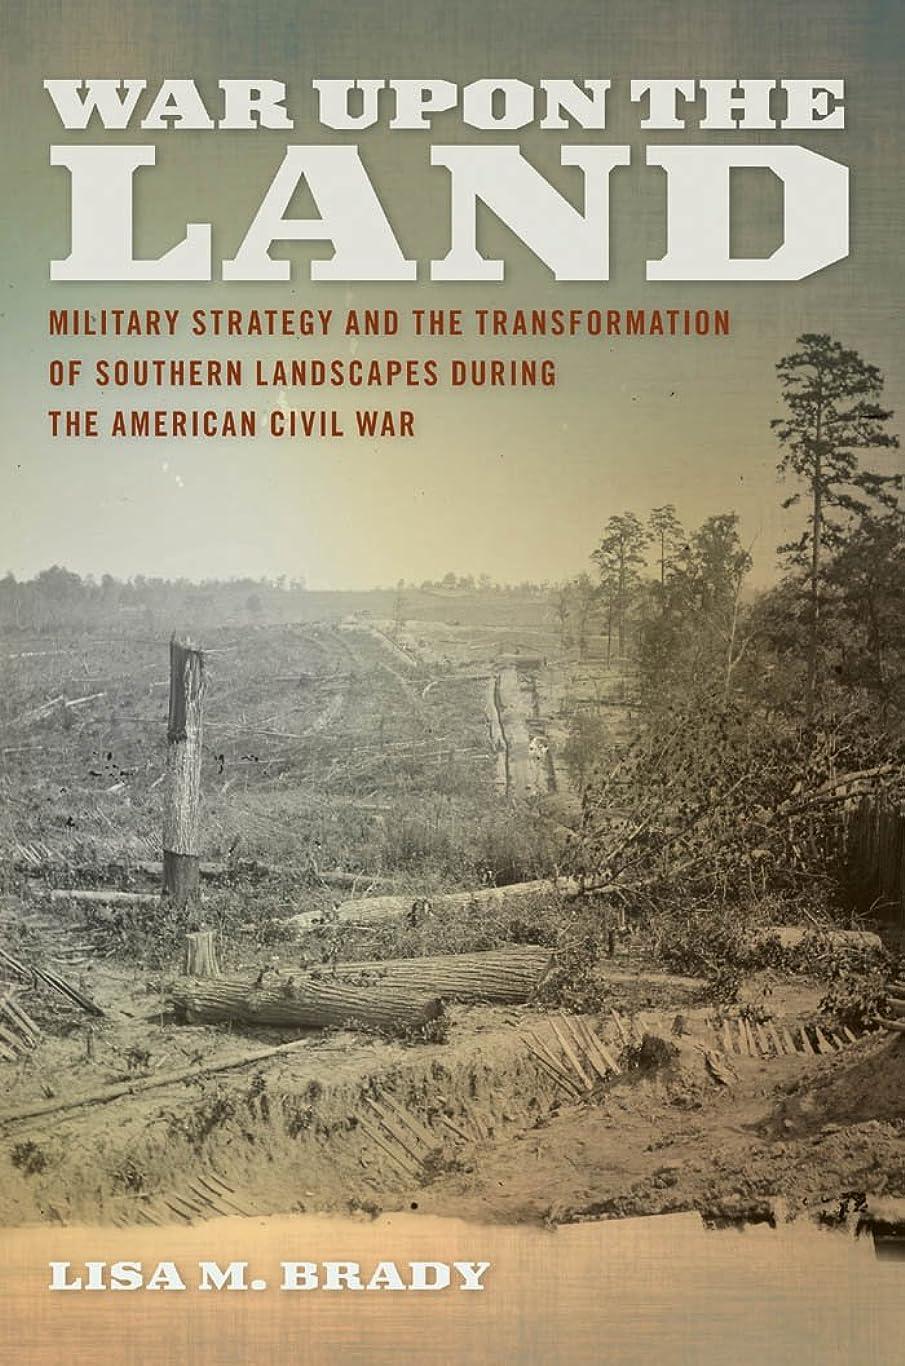 サミュエル均等にカリングWar upon the Land: Military Strategy and the Transformation of Southern Landscapes during the American Civil War (Environmental History and the American South) (English Edition)